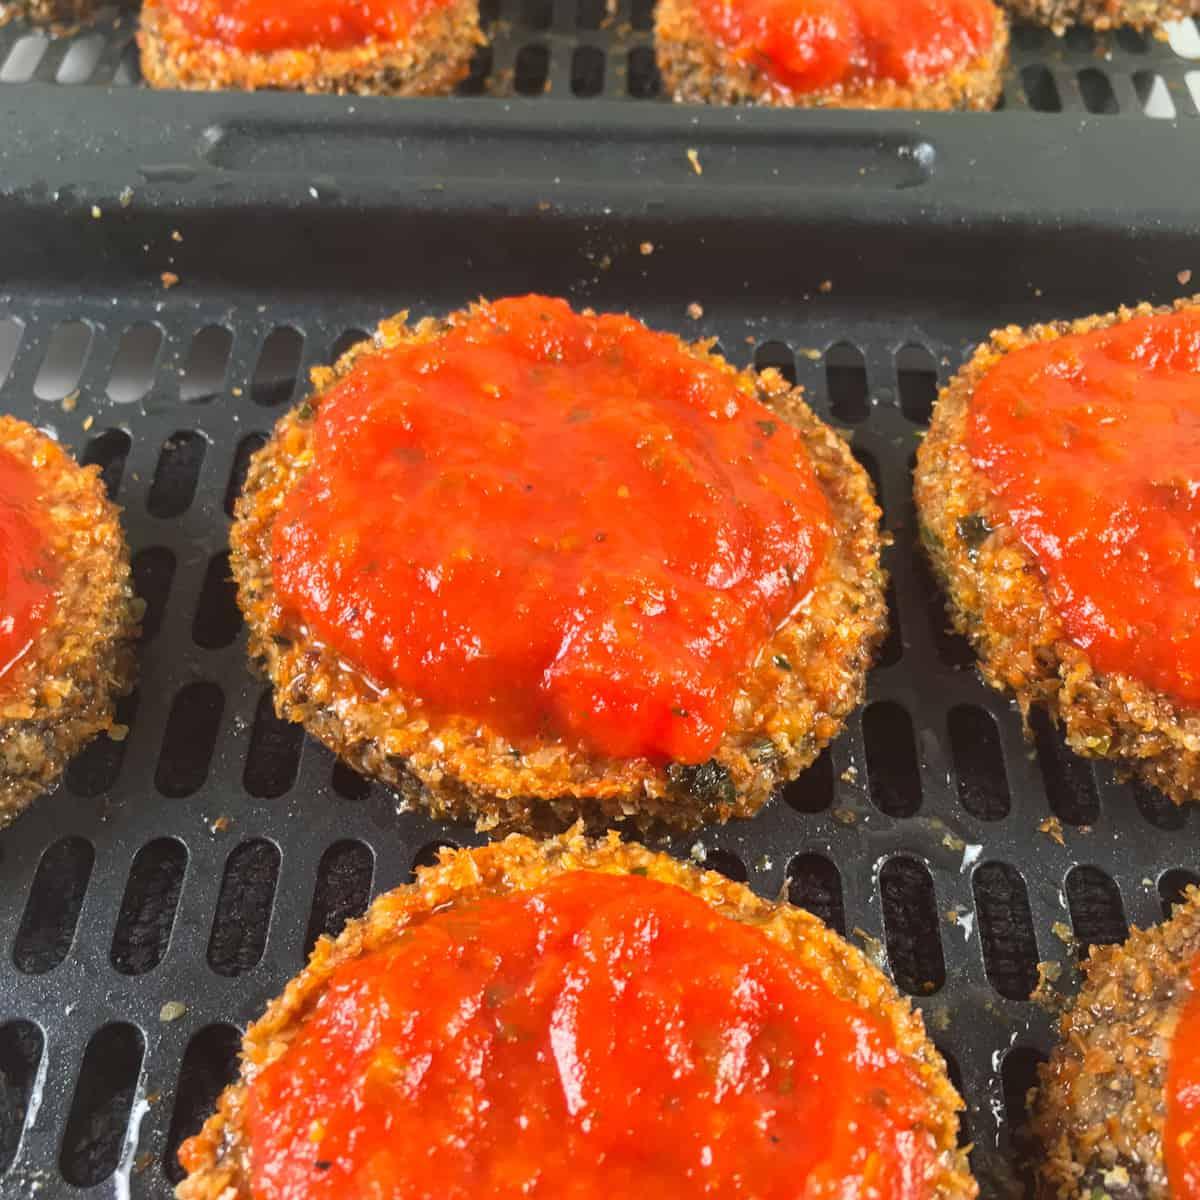 marinara sauce on breaded eggplant slices